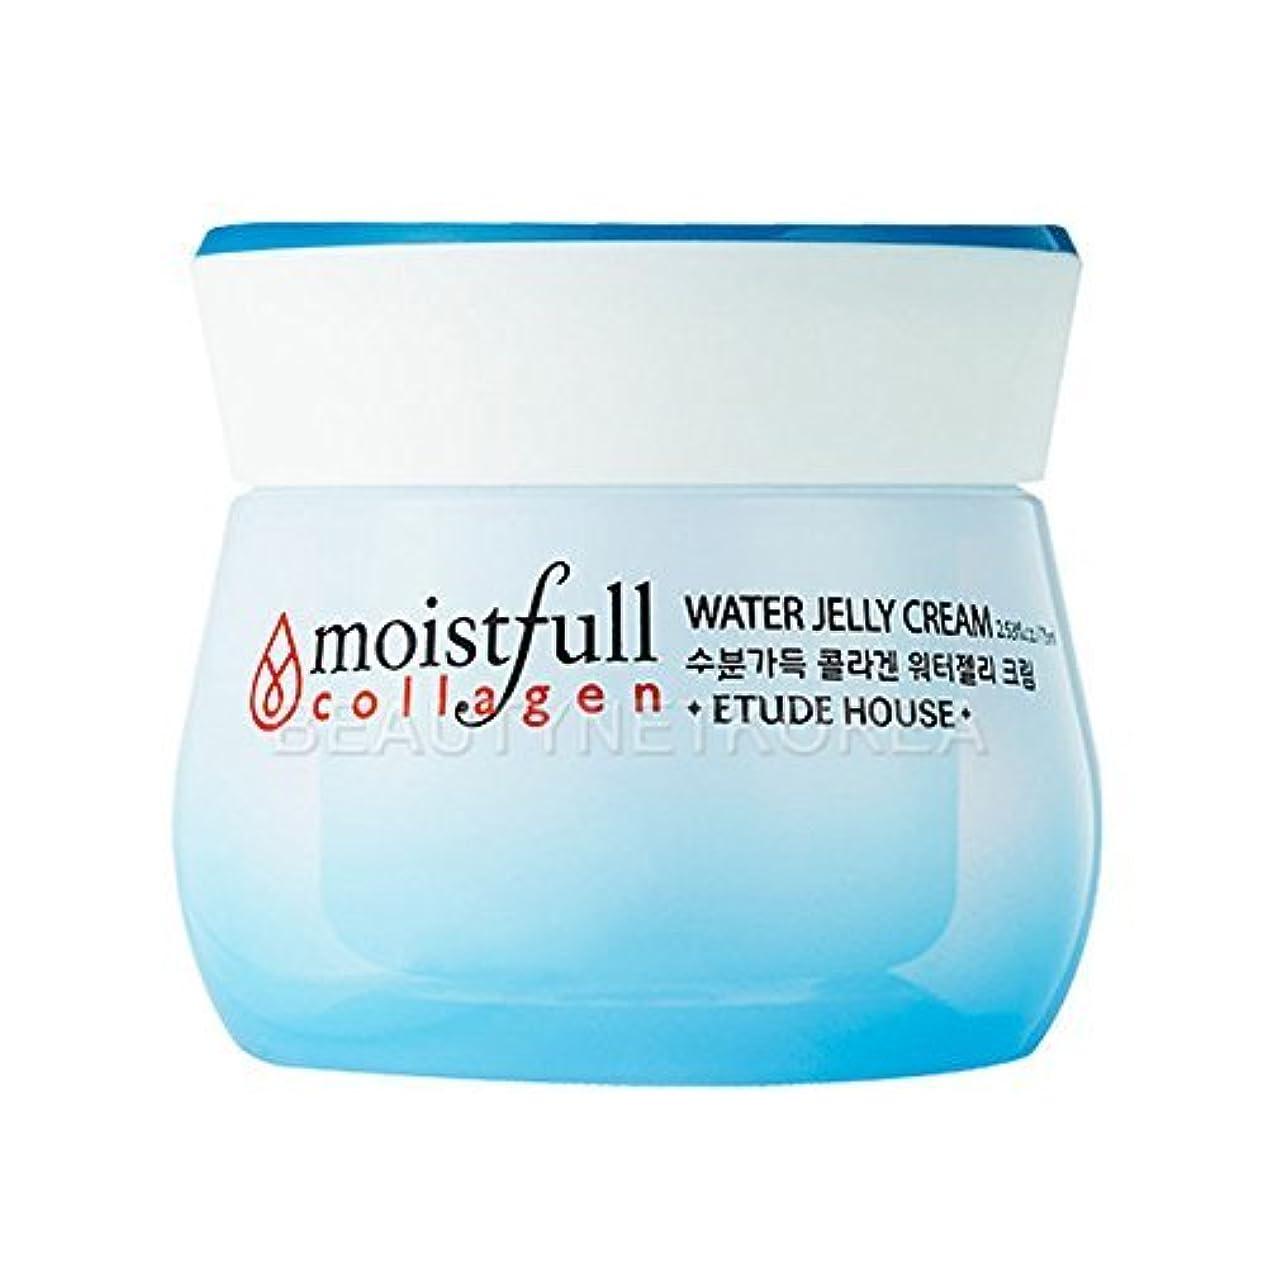 ロケット飼料ふけるETUDE HOUSE Moistfull Collagen Water Jelly Cream 75ml / Beautynet Korea [並行輸入品]